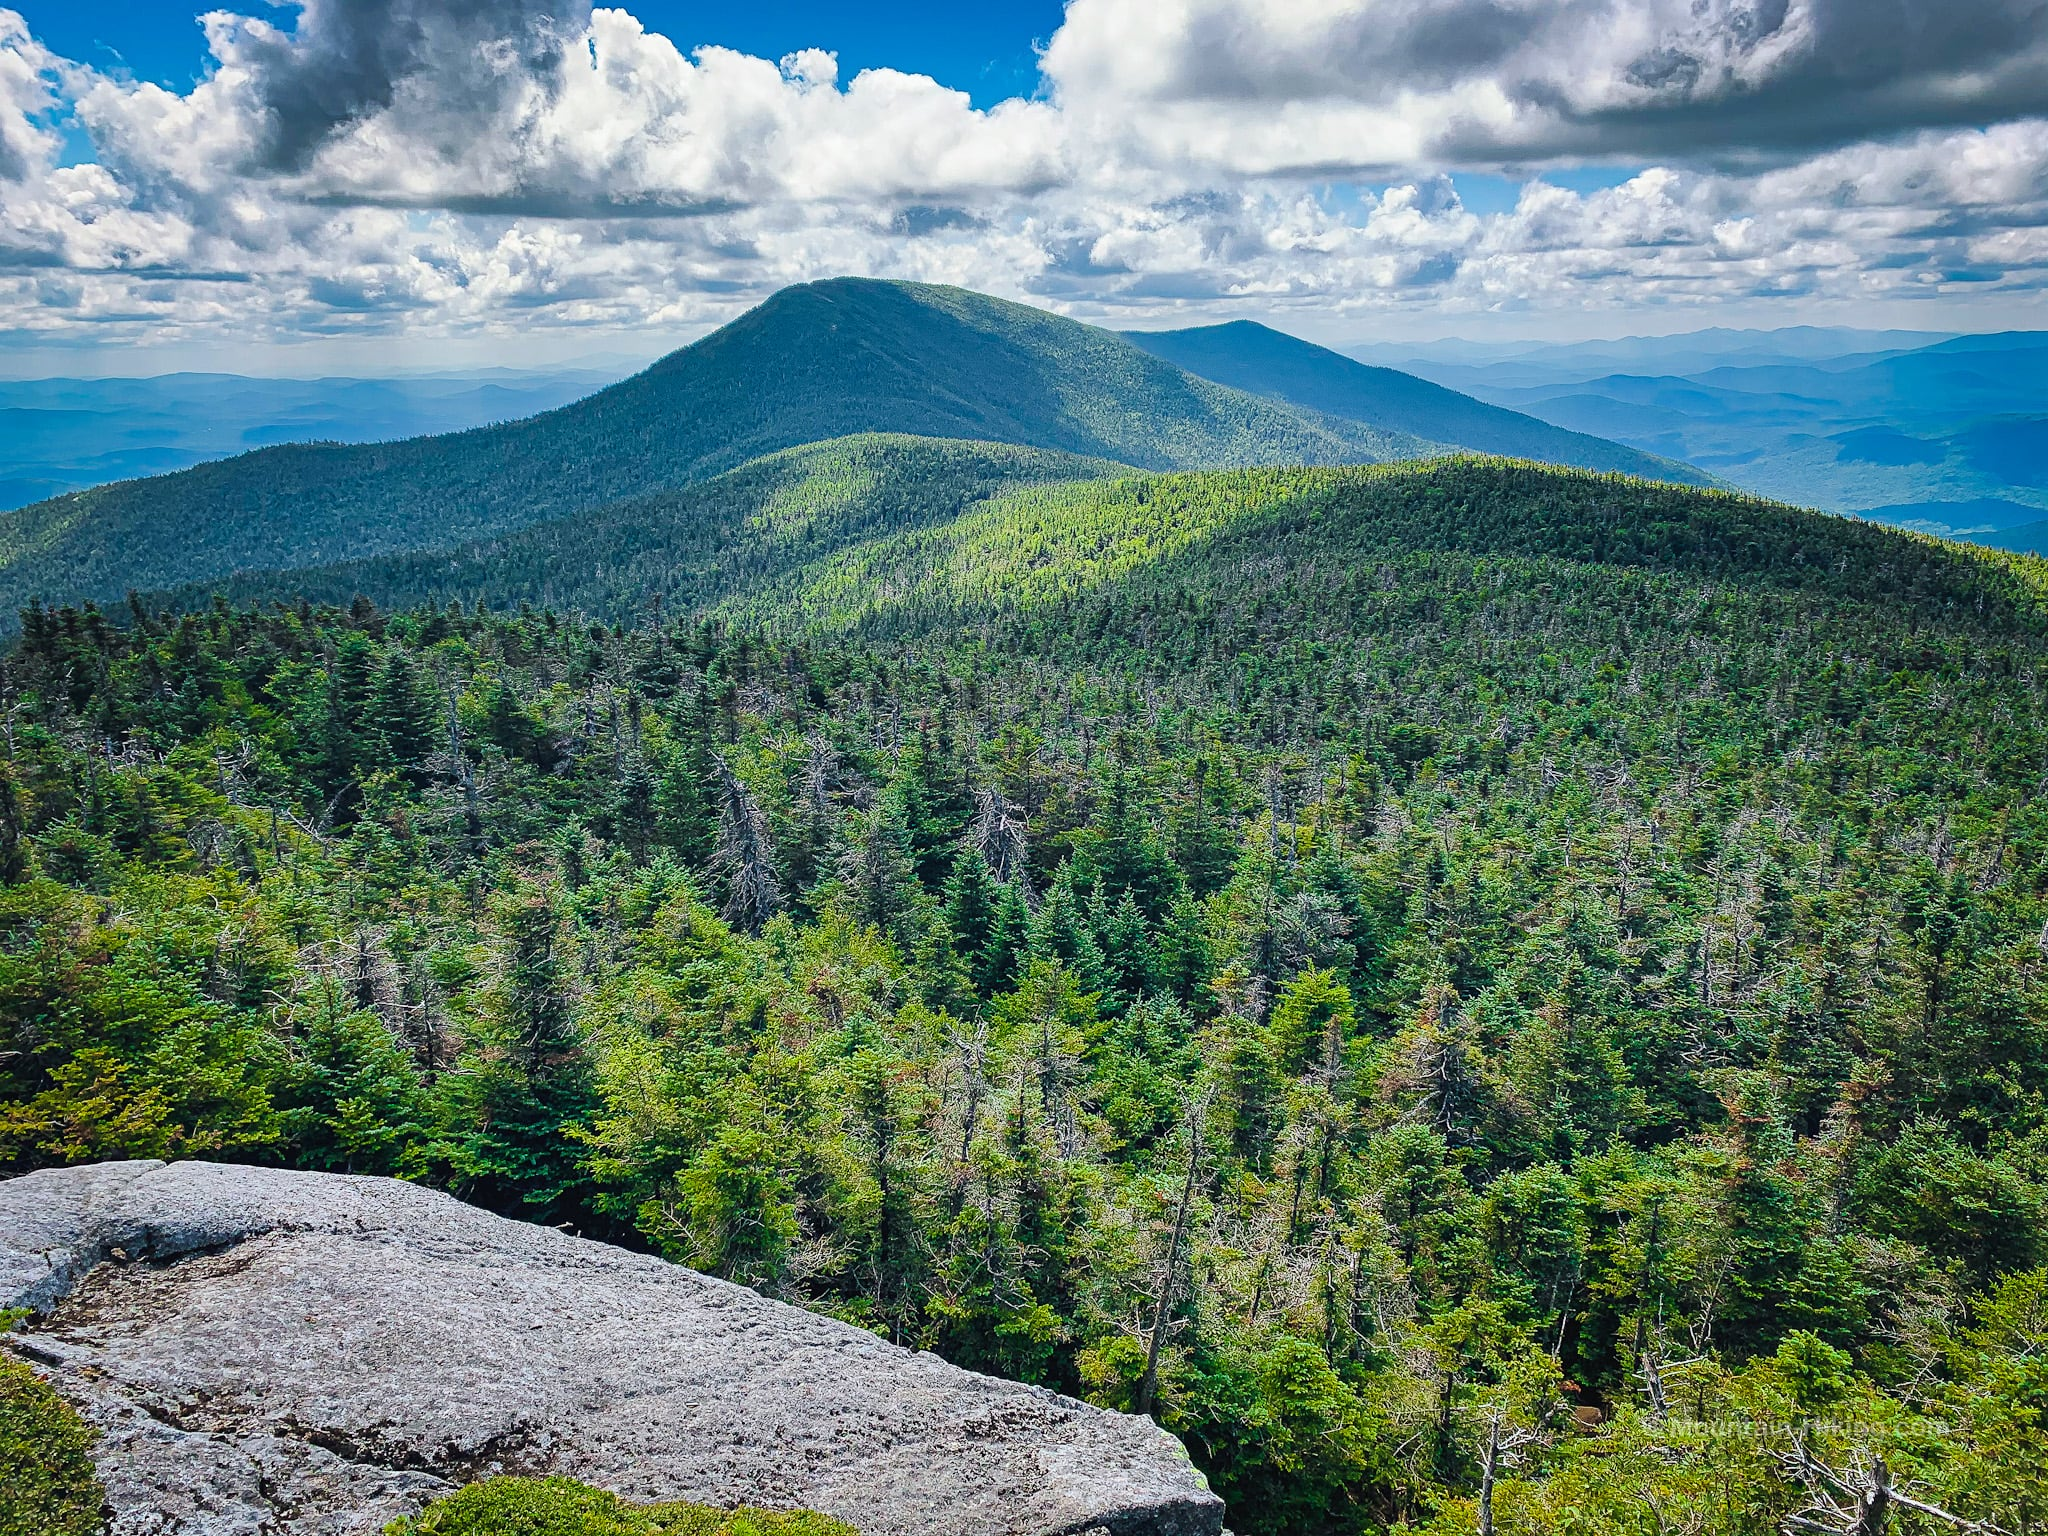 Santanoni Peak in the distance